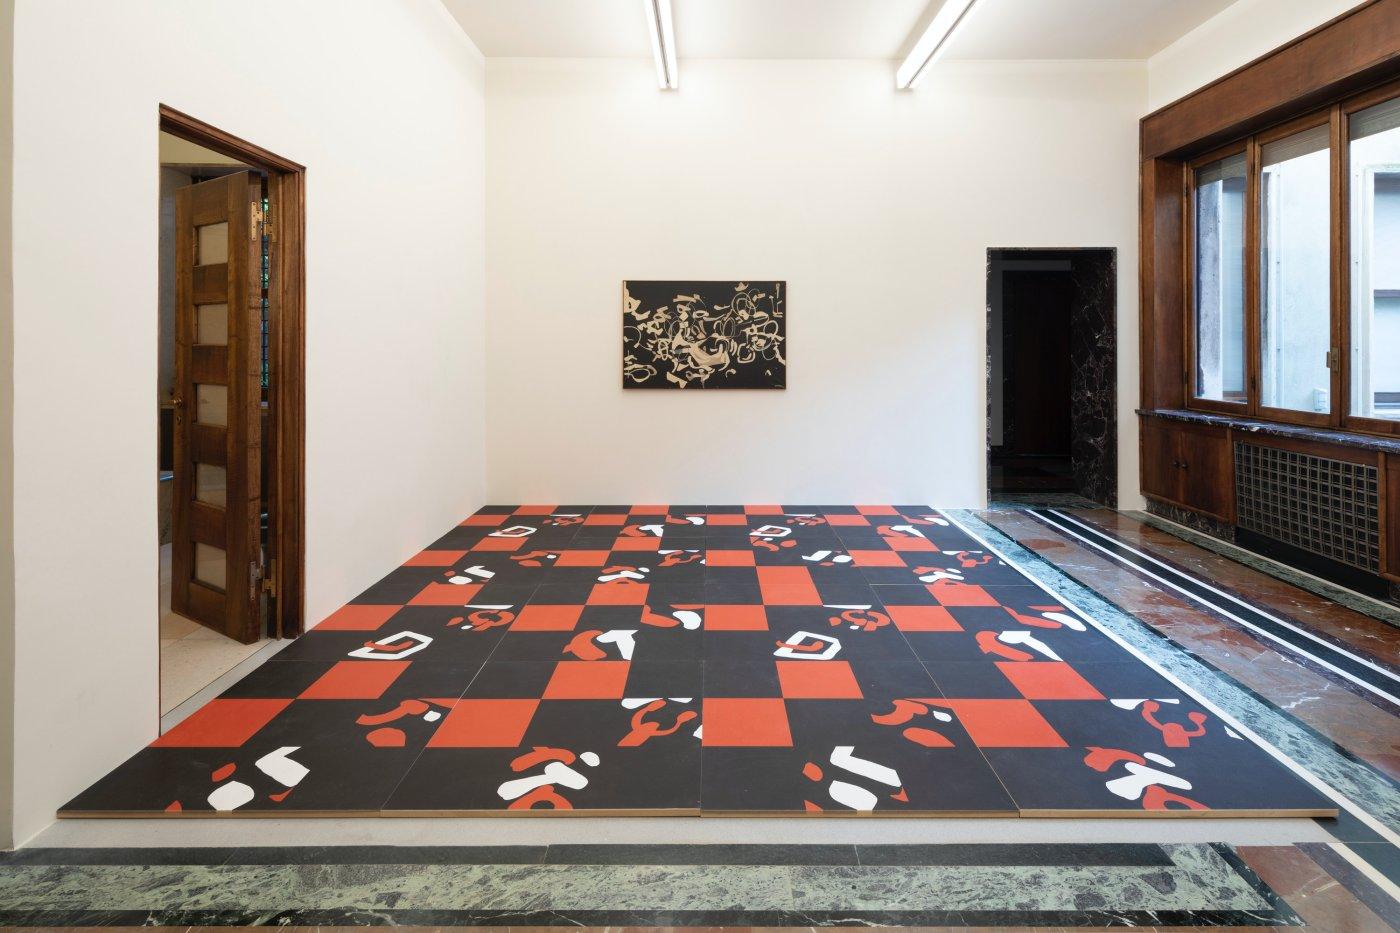 Massimo de Carlo Carla Accardi at Home 11